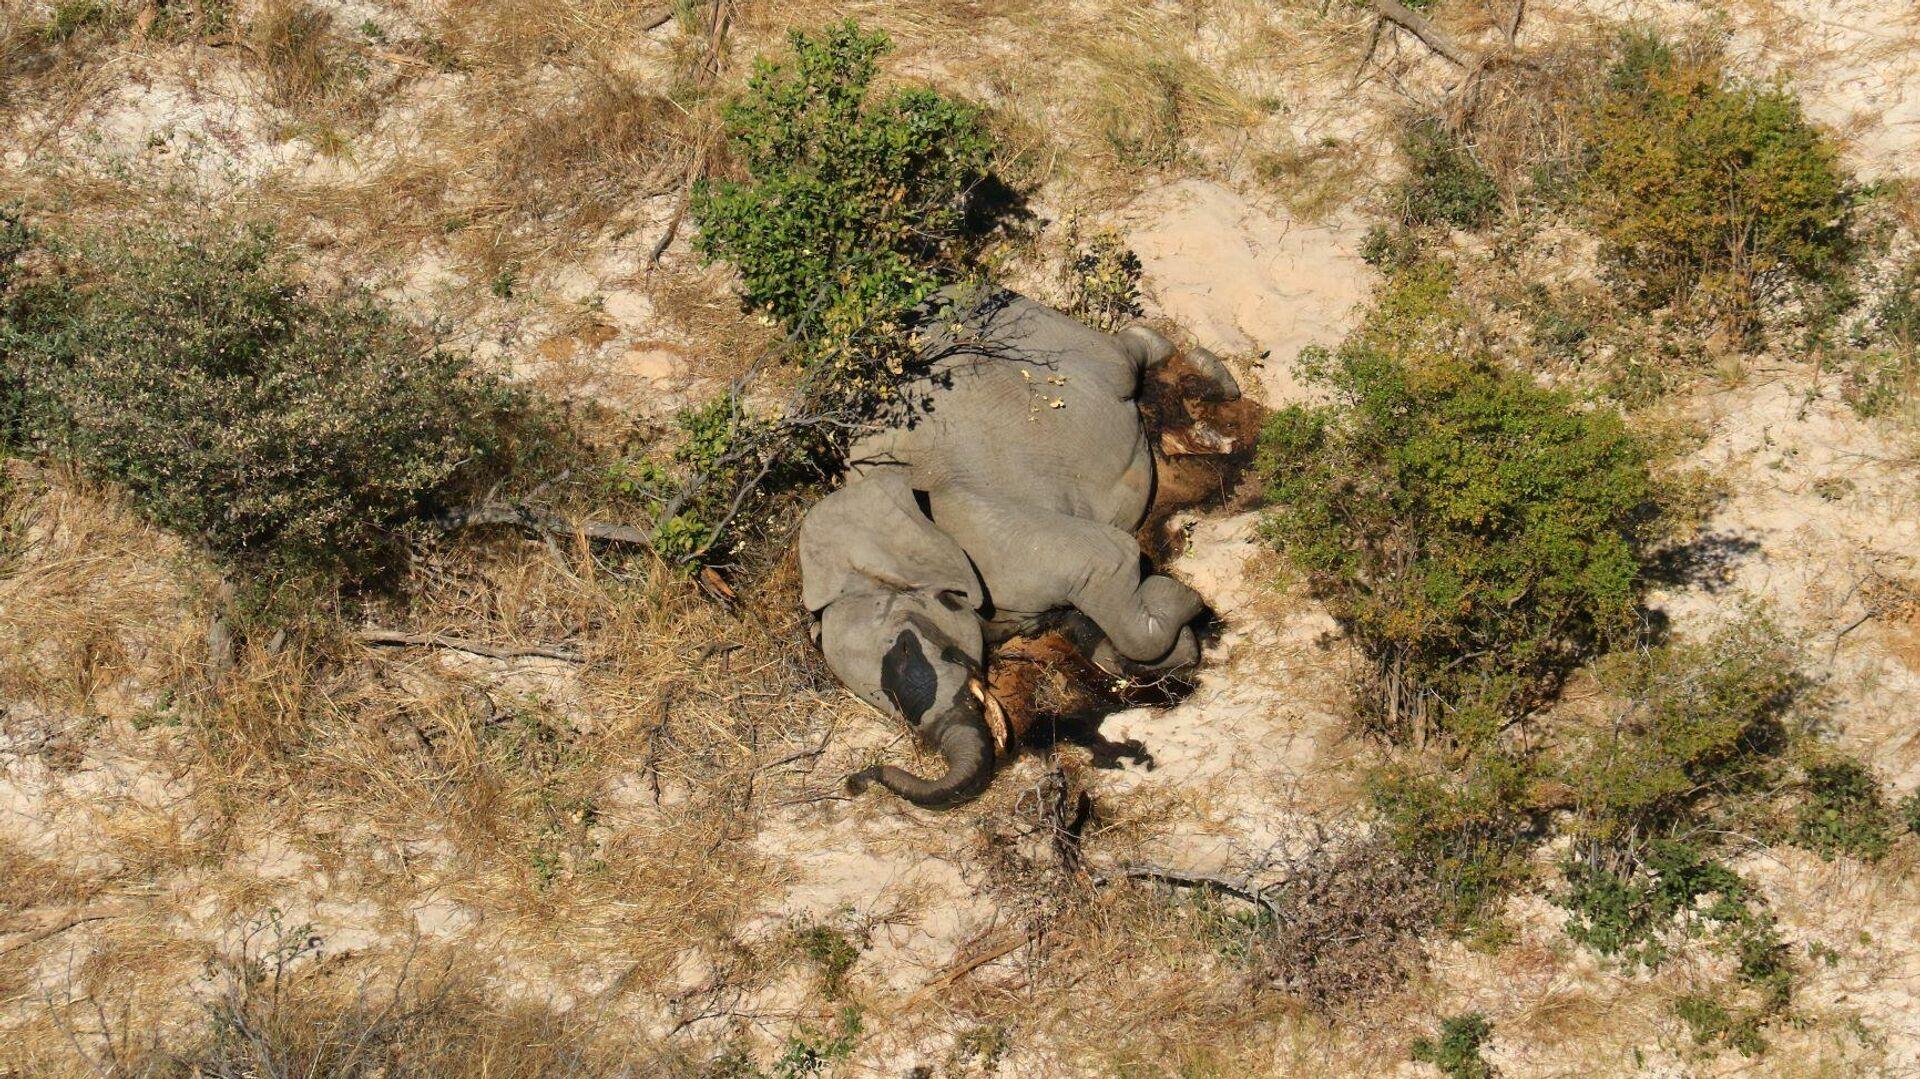 ein Kadaver eines der vielen Elefanten, die auf mysteriöse Weise im Okavango Delta in Botswana verendet sind, 2. Juli 2020  - SNA, 1920, 25.02.2021